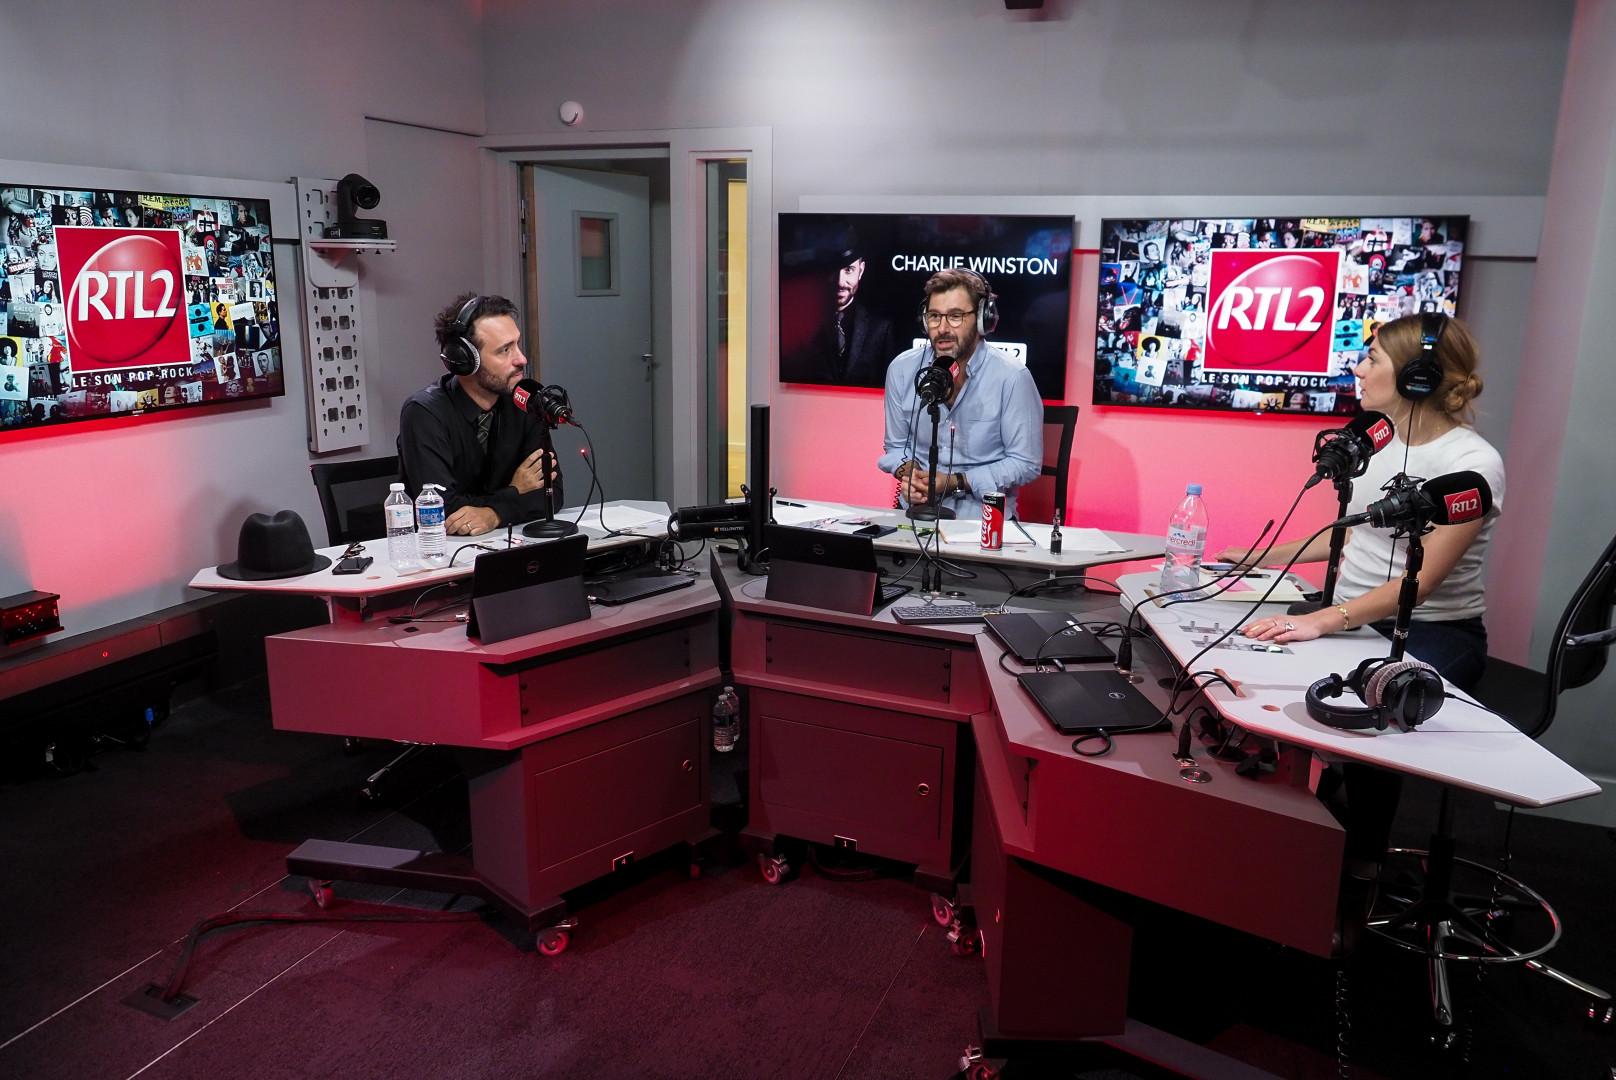 Charlie Winston dans les studios de RTL2